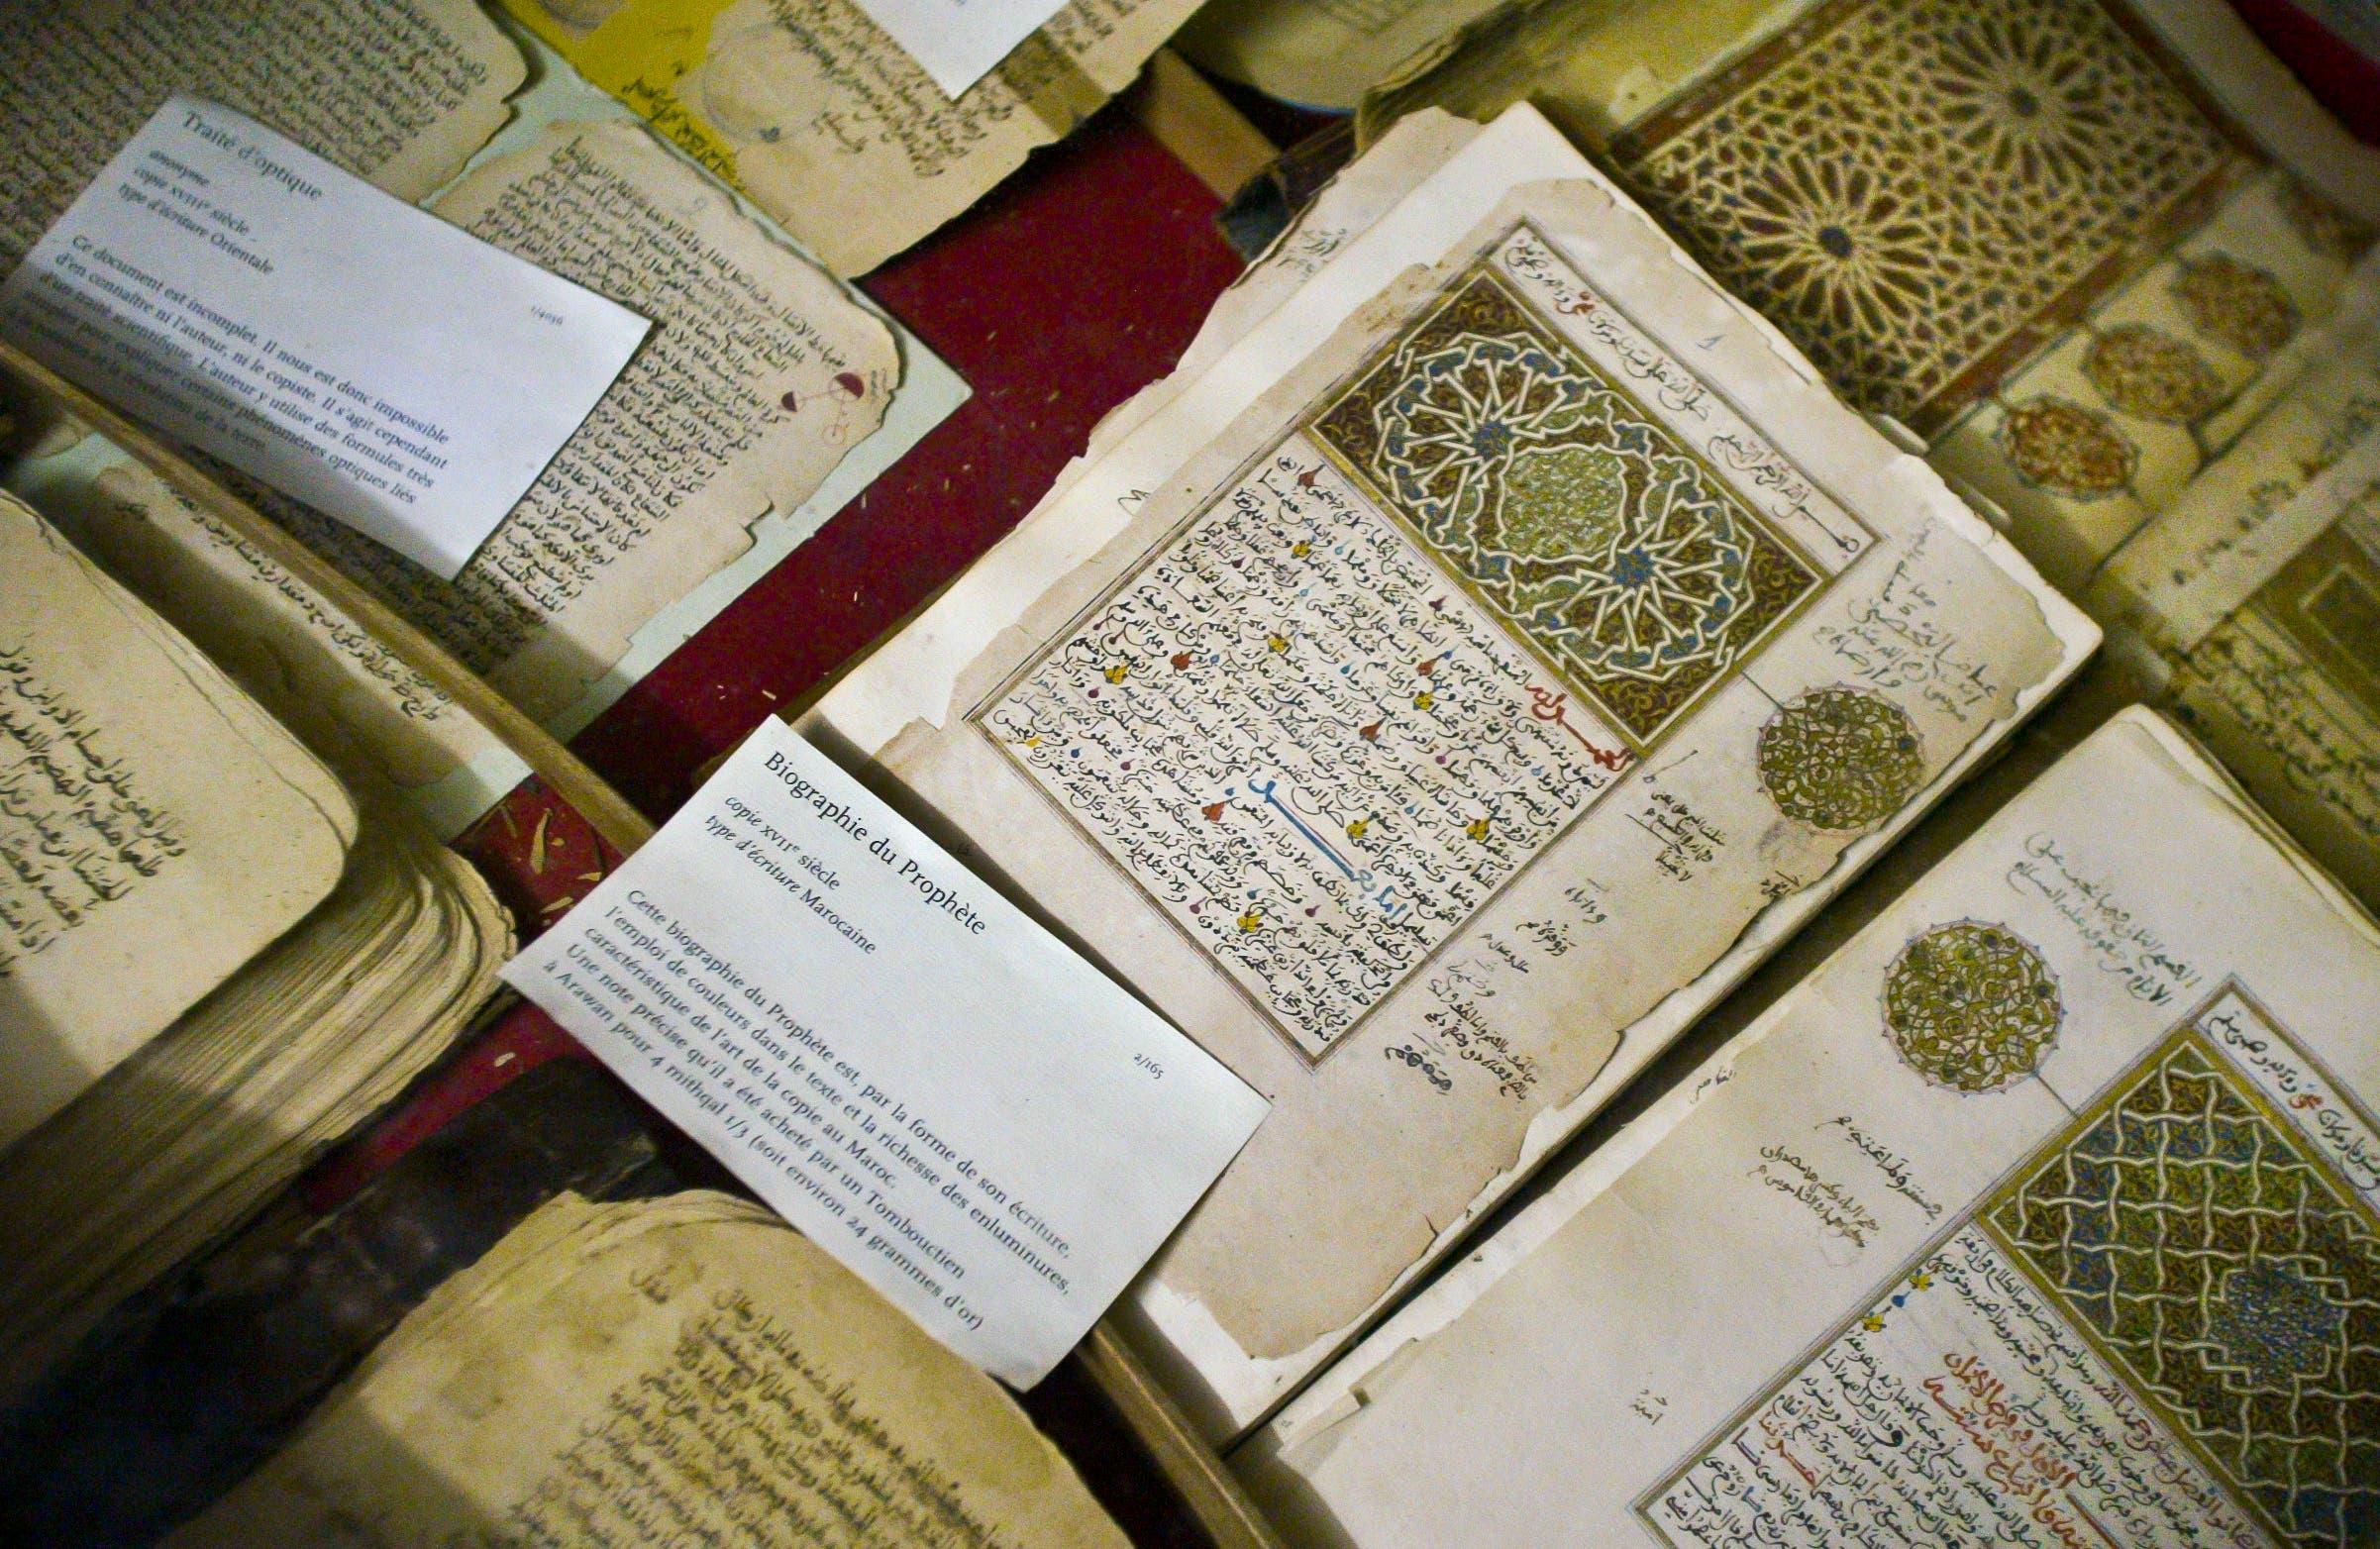 Islamisten griffen im Jahr 2012 die Weltkulturerbestätte Timbuktu in Mali an. Wichtige islamische Schriften konnten zum Glück in Sicherheit gebracht werden. (Bild: AP Photo, Ben Curtis (Timbuktu, 16. März 2004))